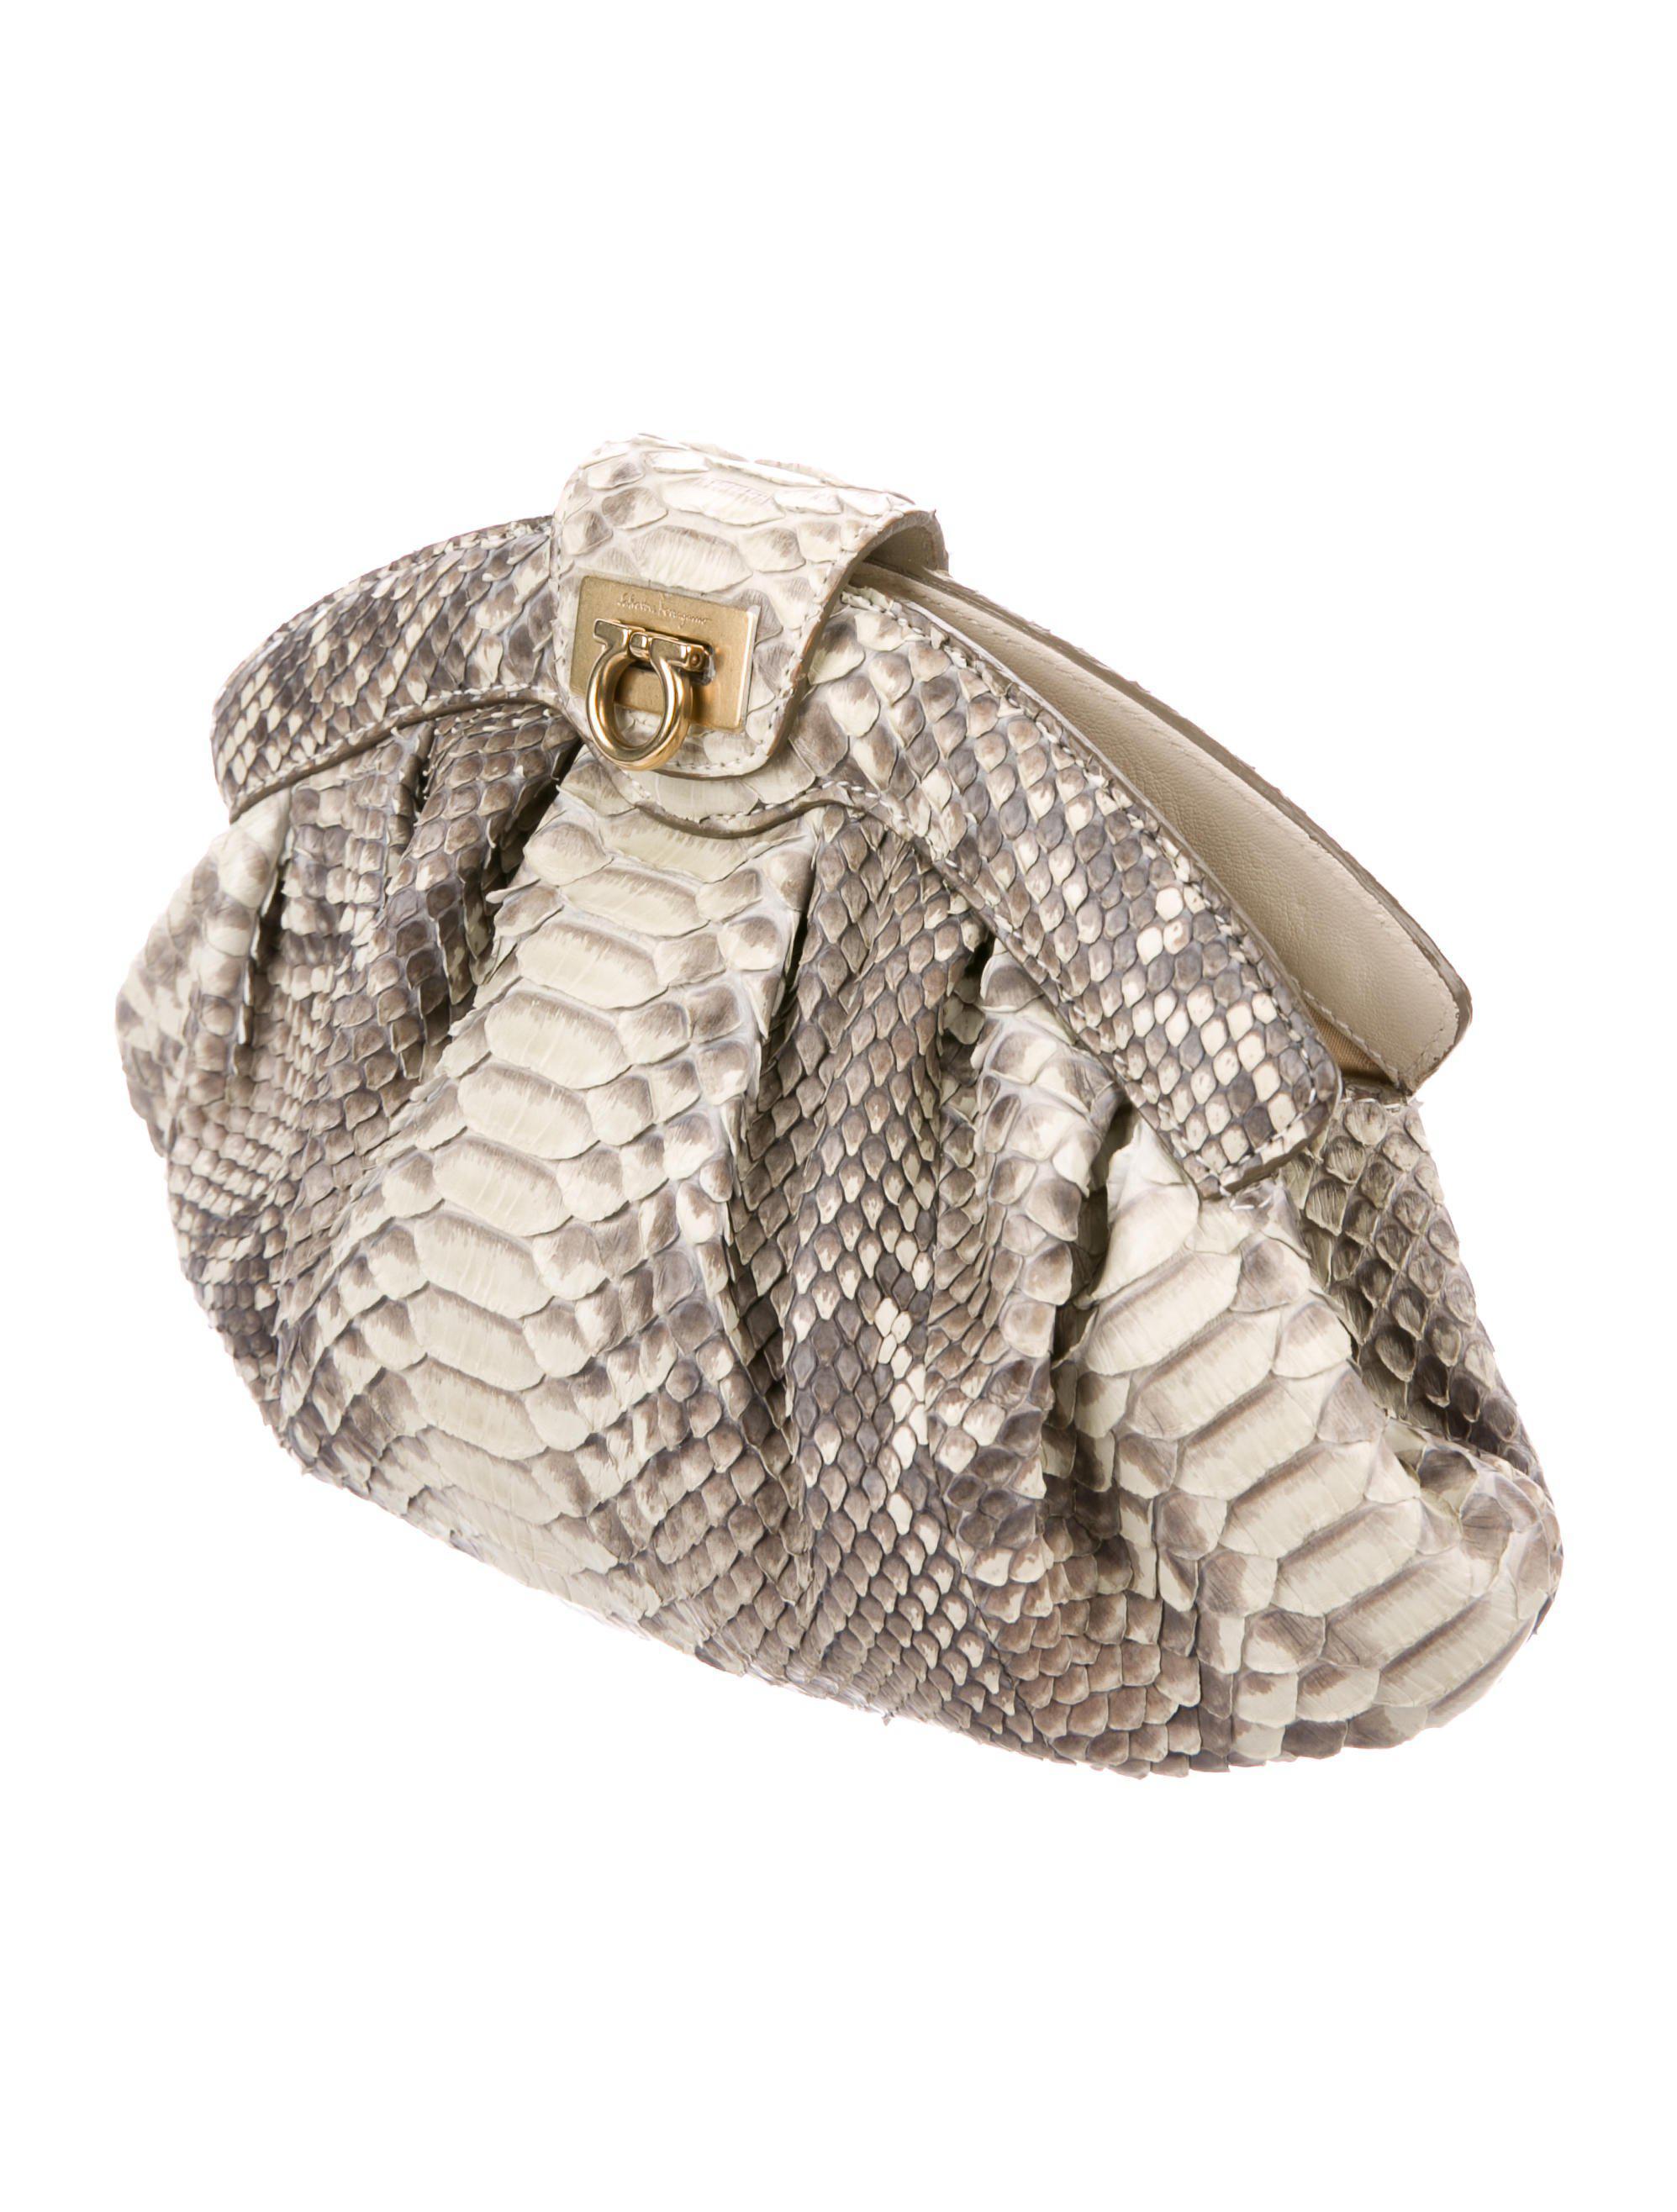 9f6244bdc6 Lyst - Ferragamo Snakeskin Gancio Clutch Grey in Metallic